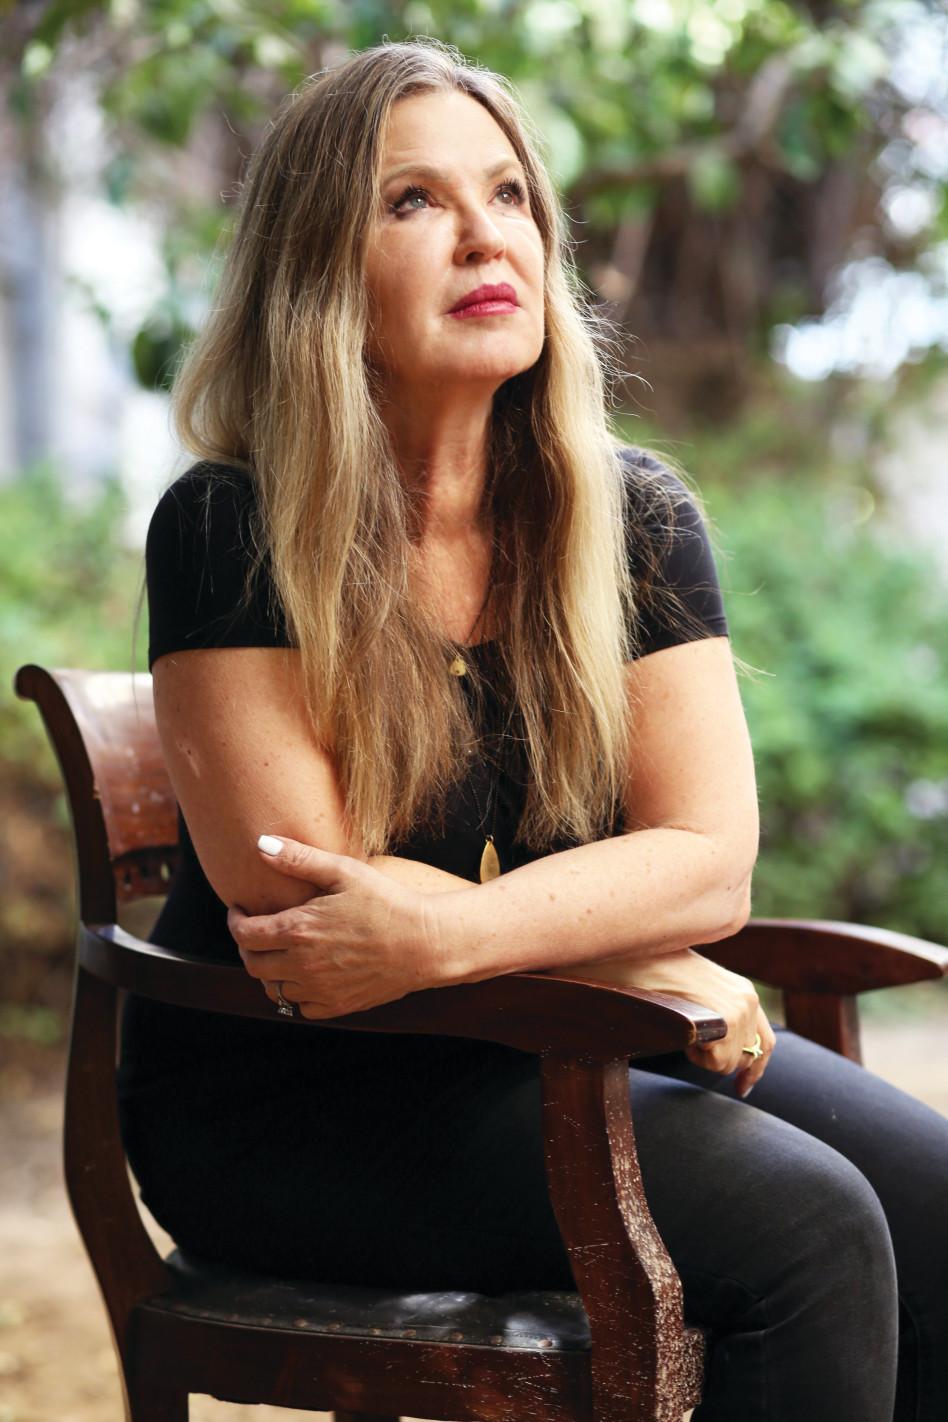 דורית זילברמן (צילום: אריאל בשור)